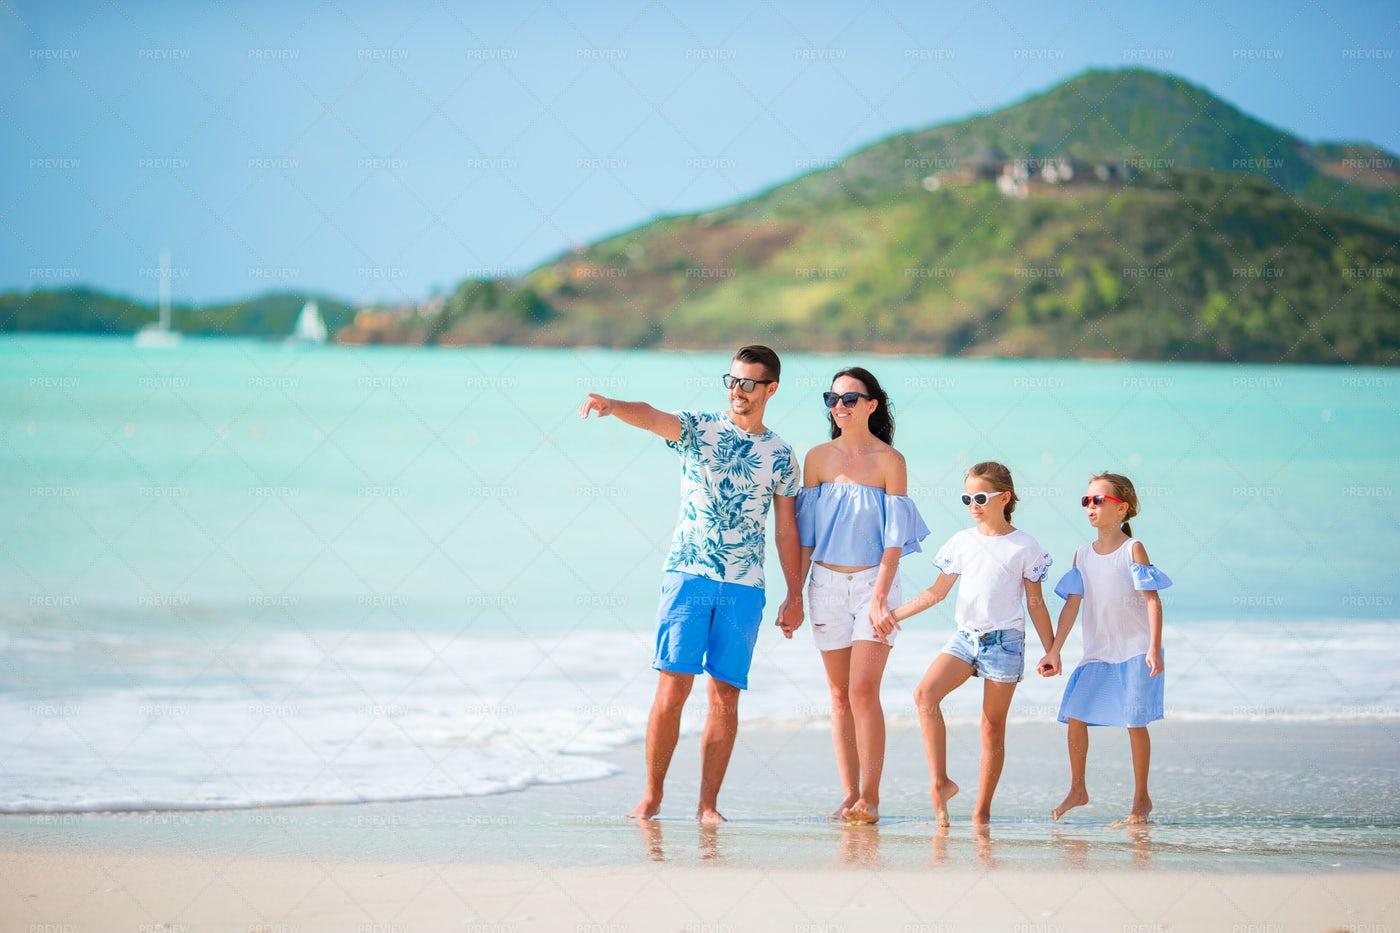 Joyful Family At The Beach: Stock Photos